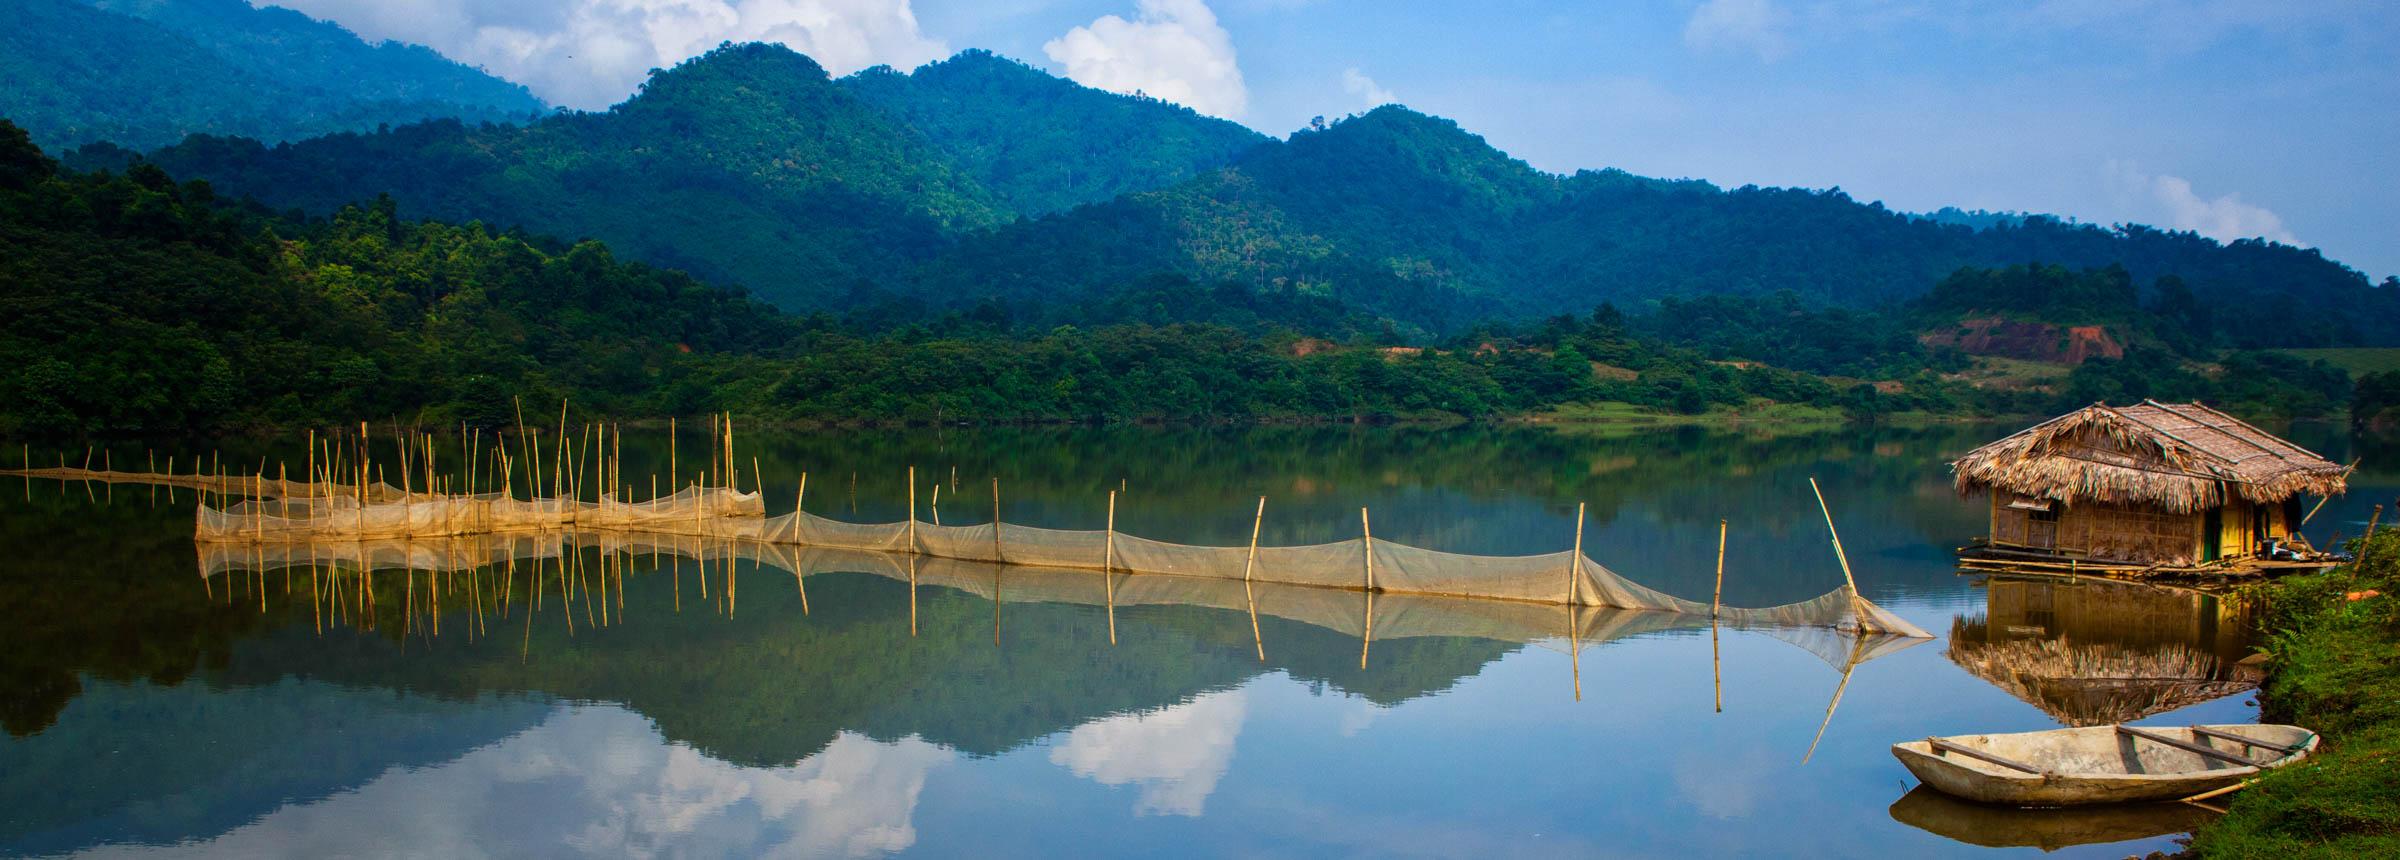 Vietnam forests